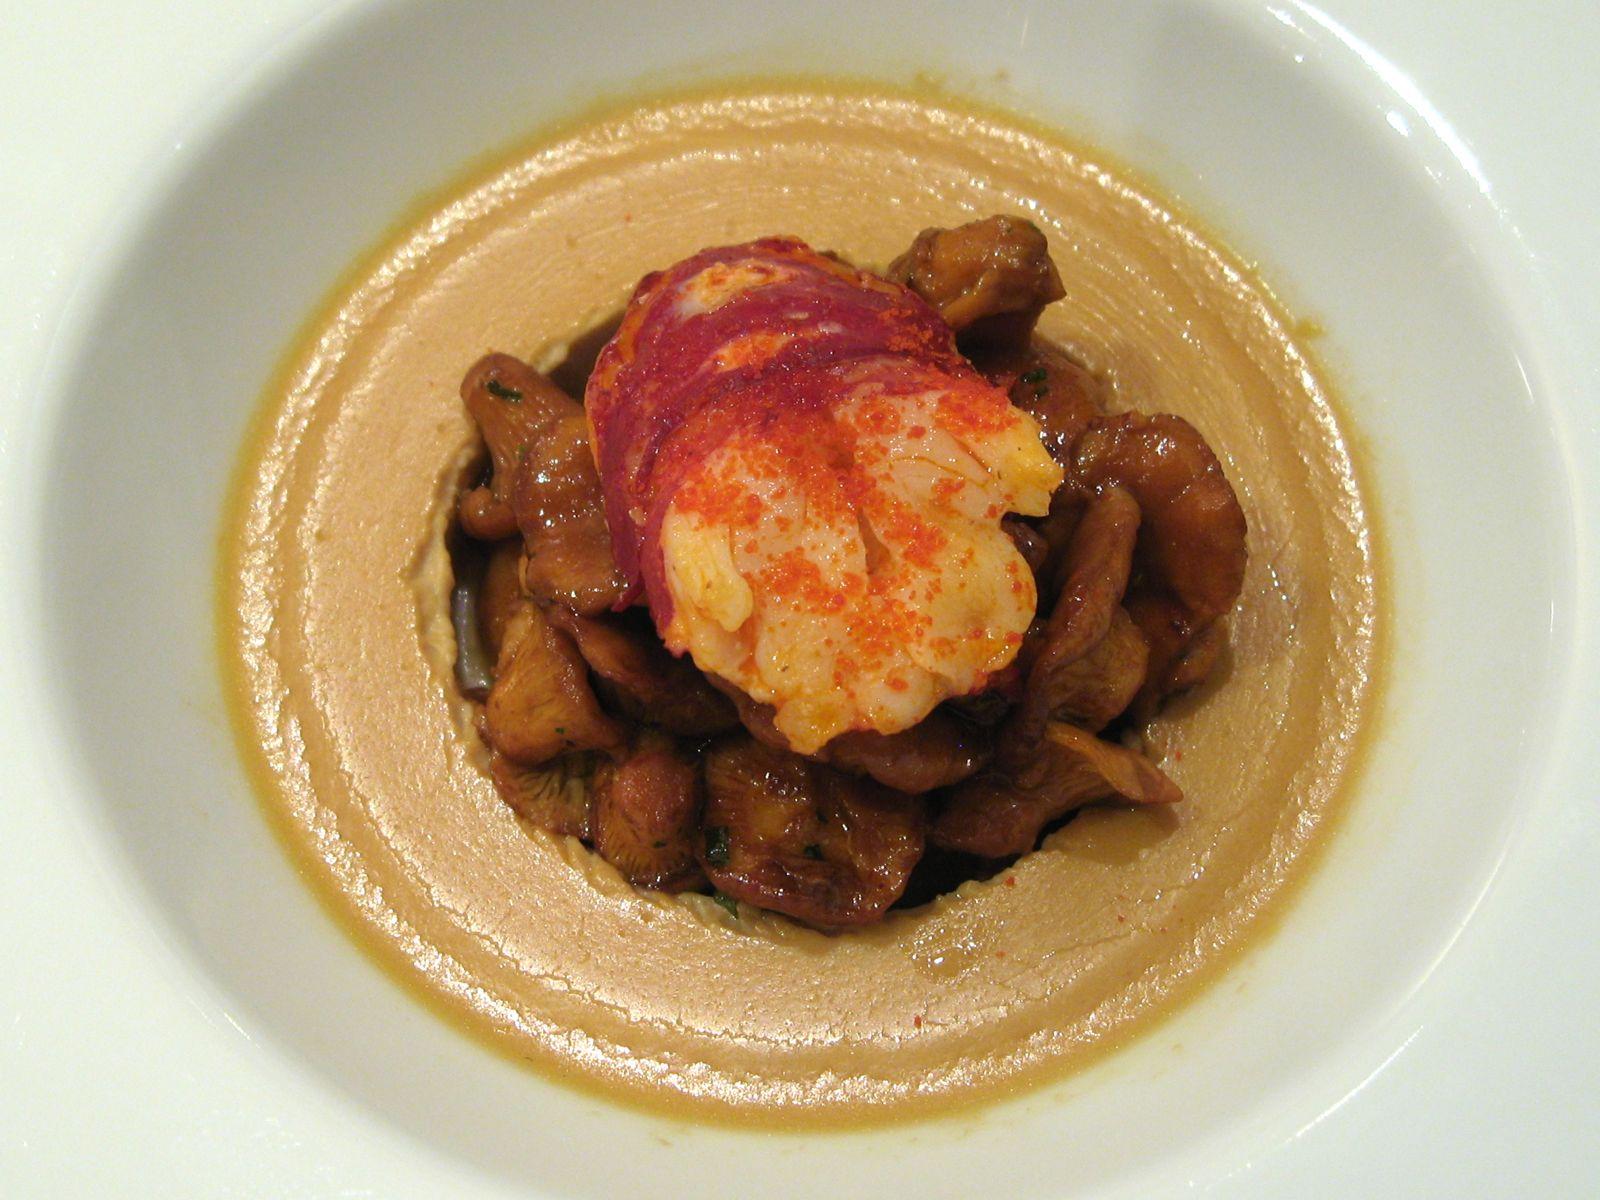 Royale de homard breton aux châtaignes